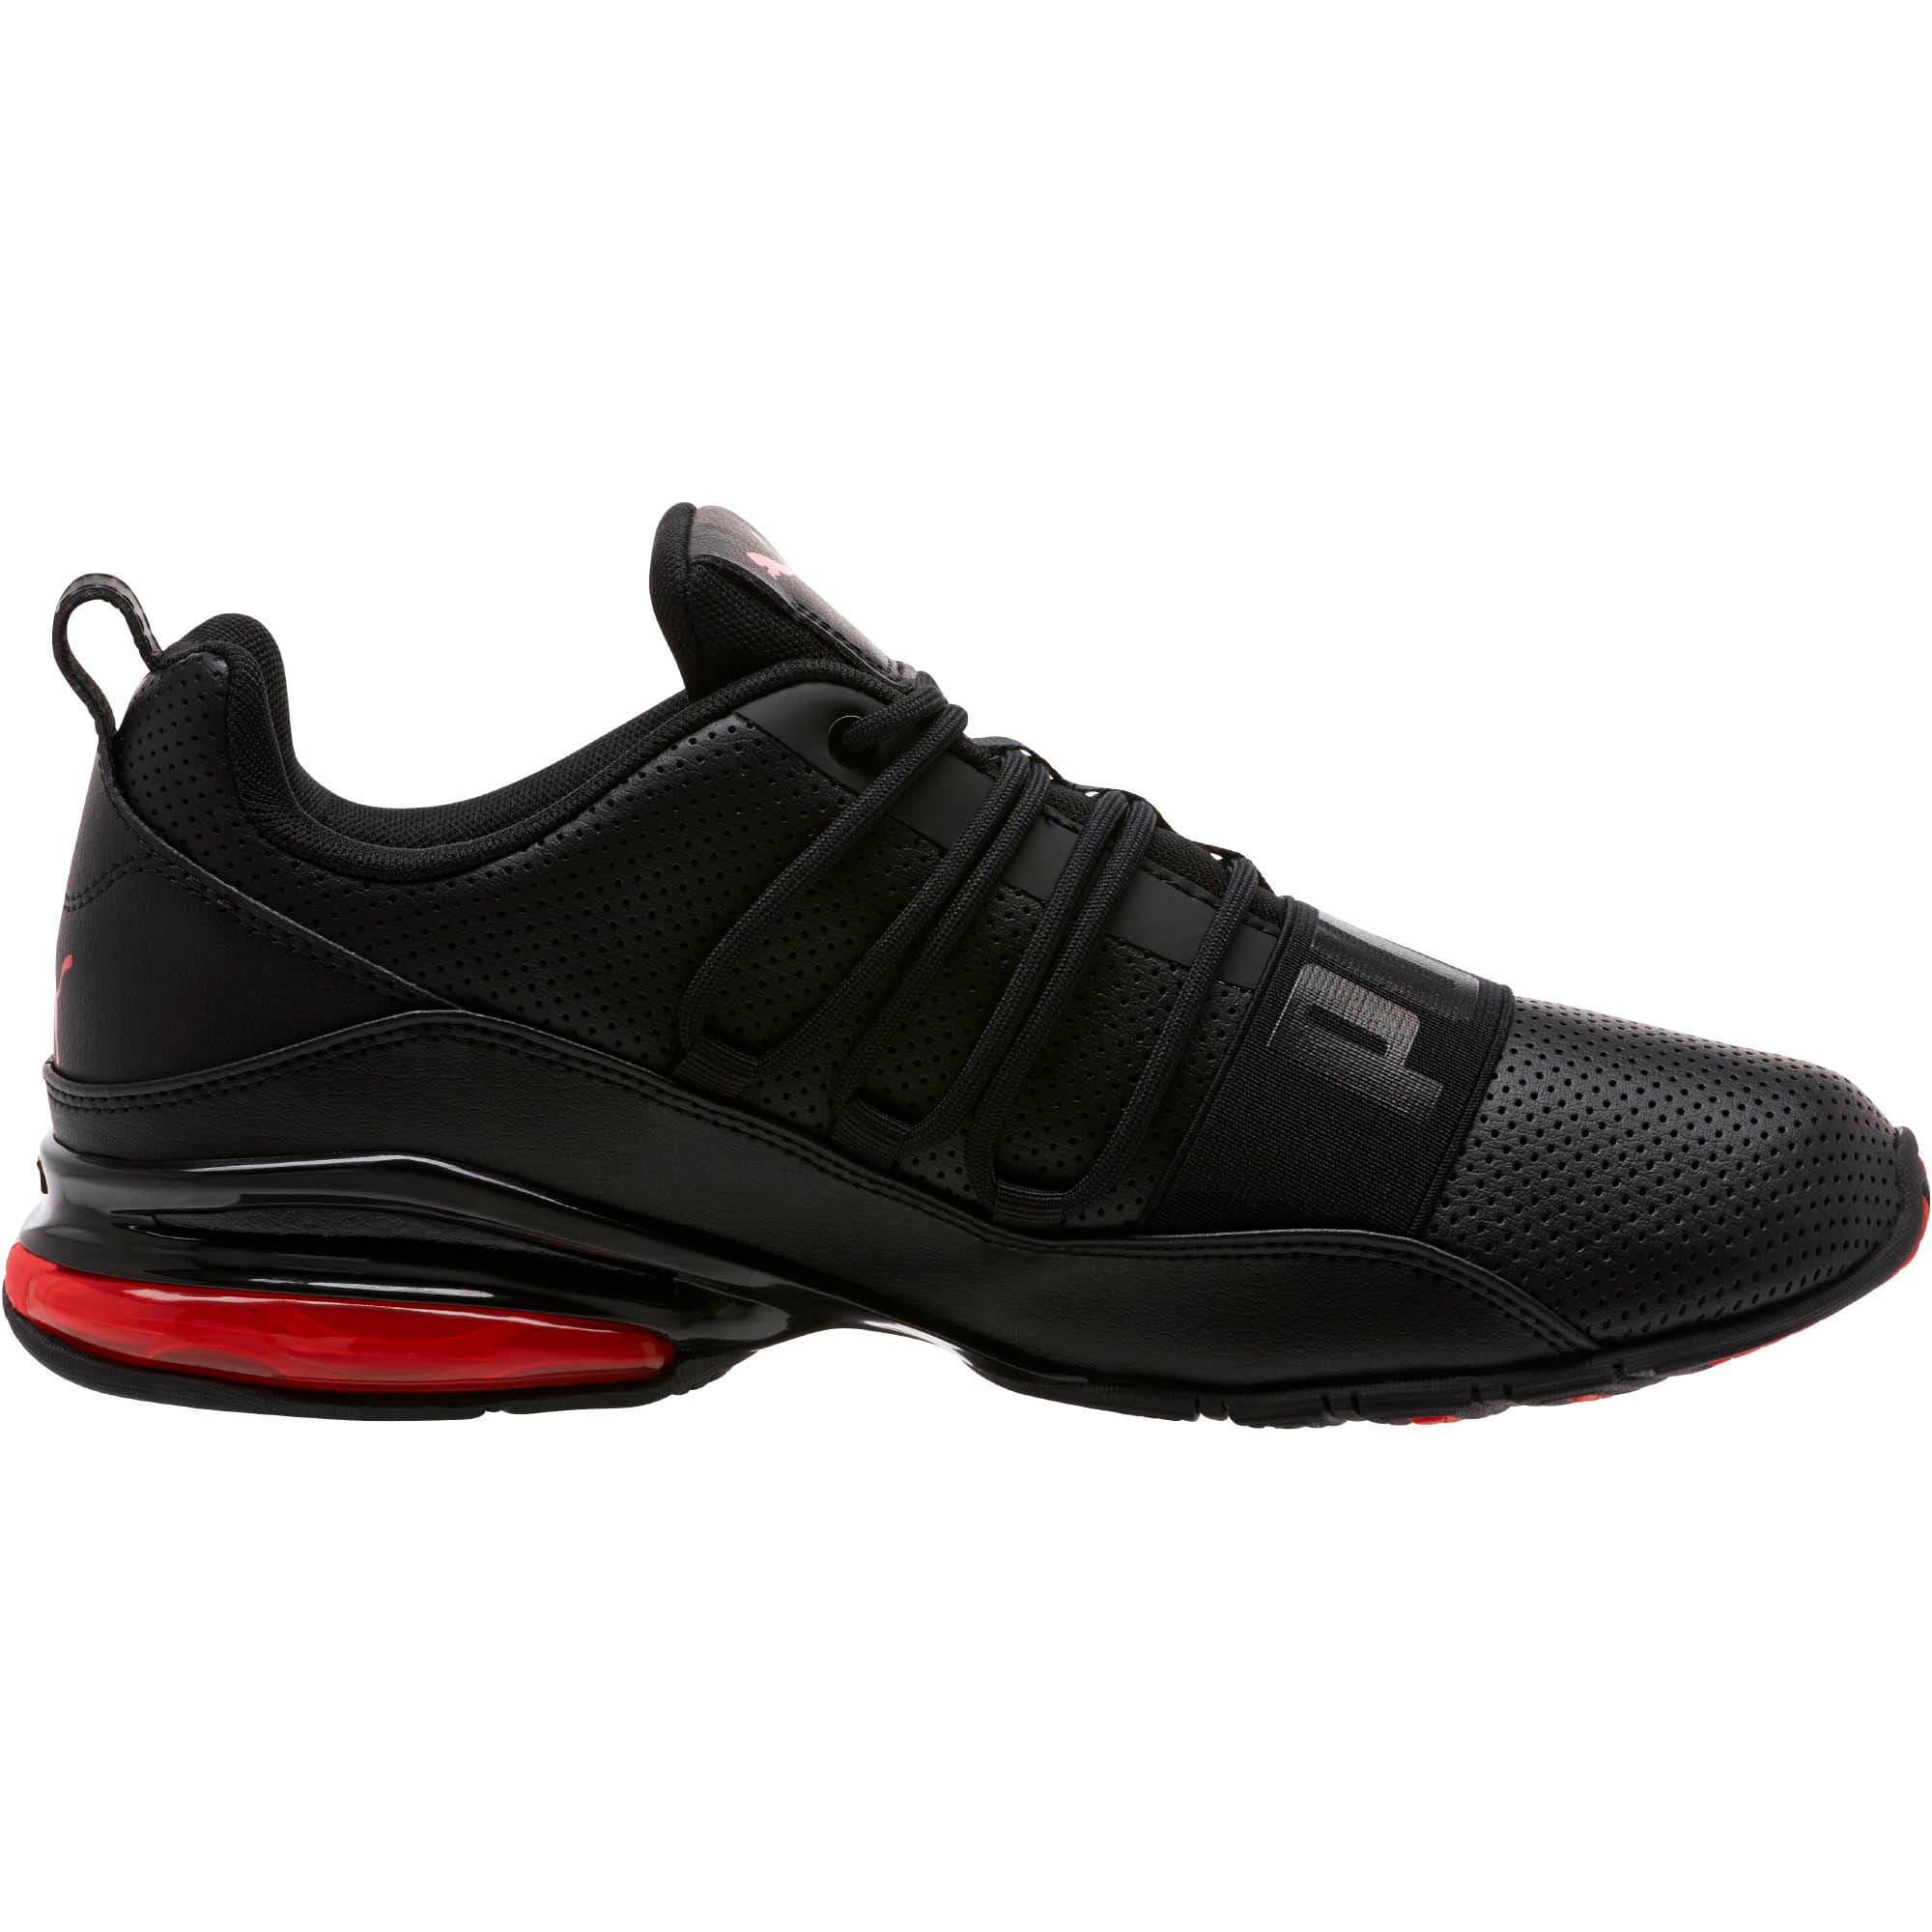 Miniatura 3 de Zapatos para correr Cell Regulate para hombre, Puma Black-High Risk Red, mediano